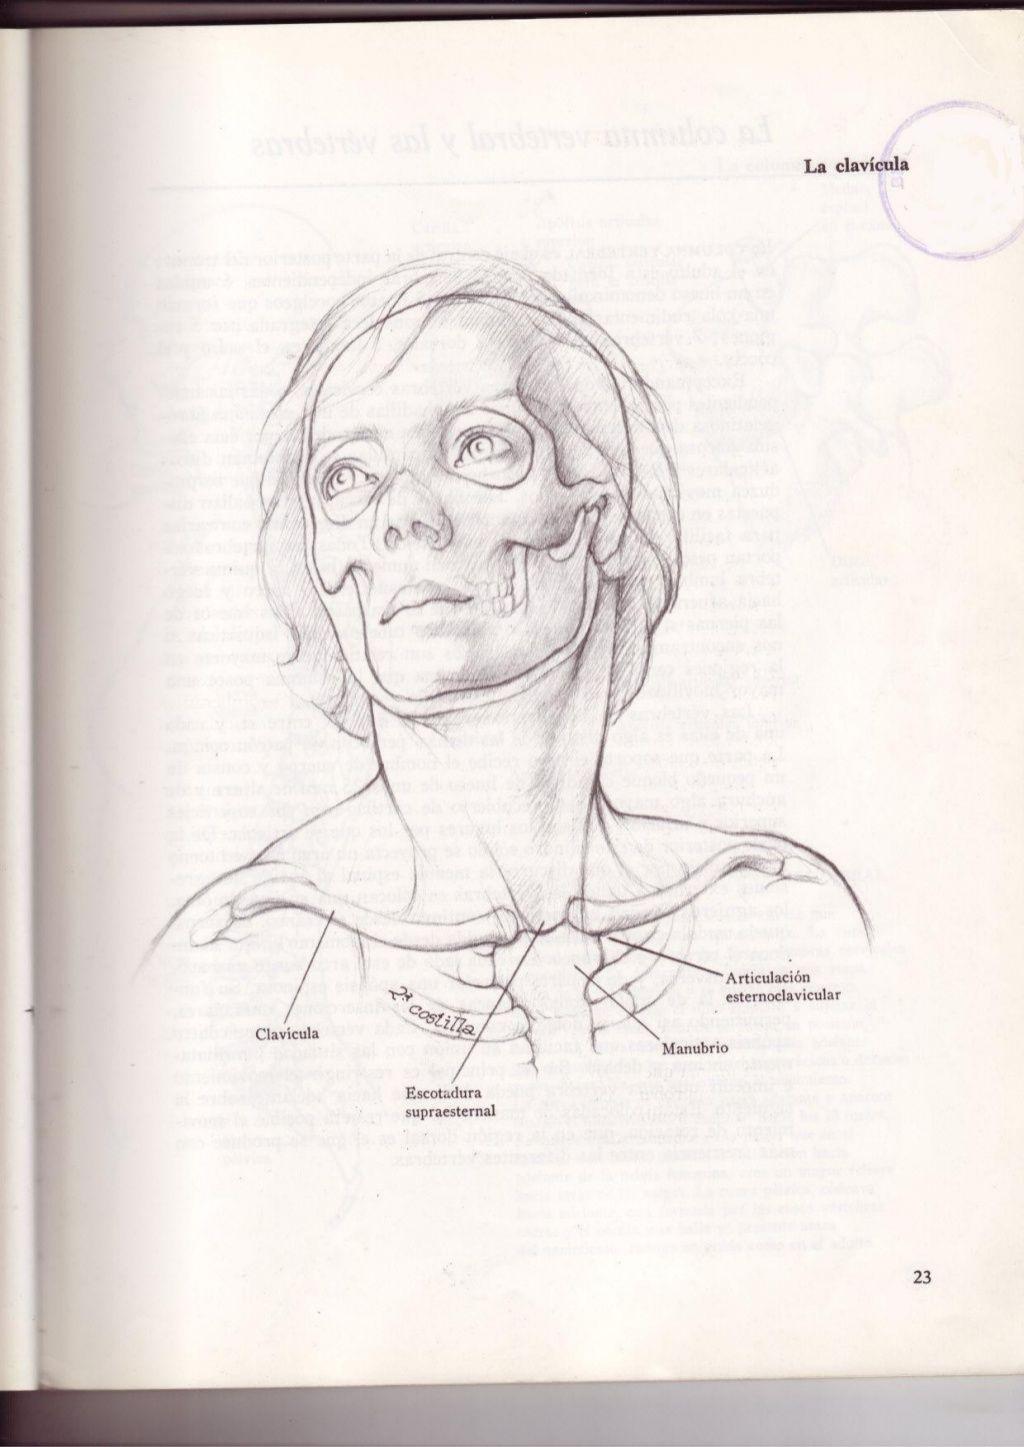 Anatomia-artistica-dibujo-anatomico-de-la-figura-humana | Figura ...